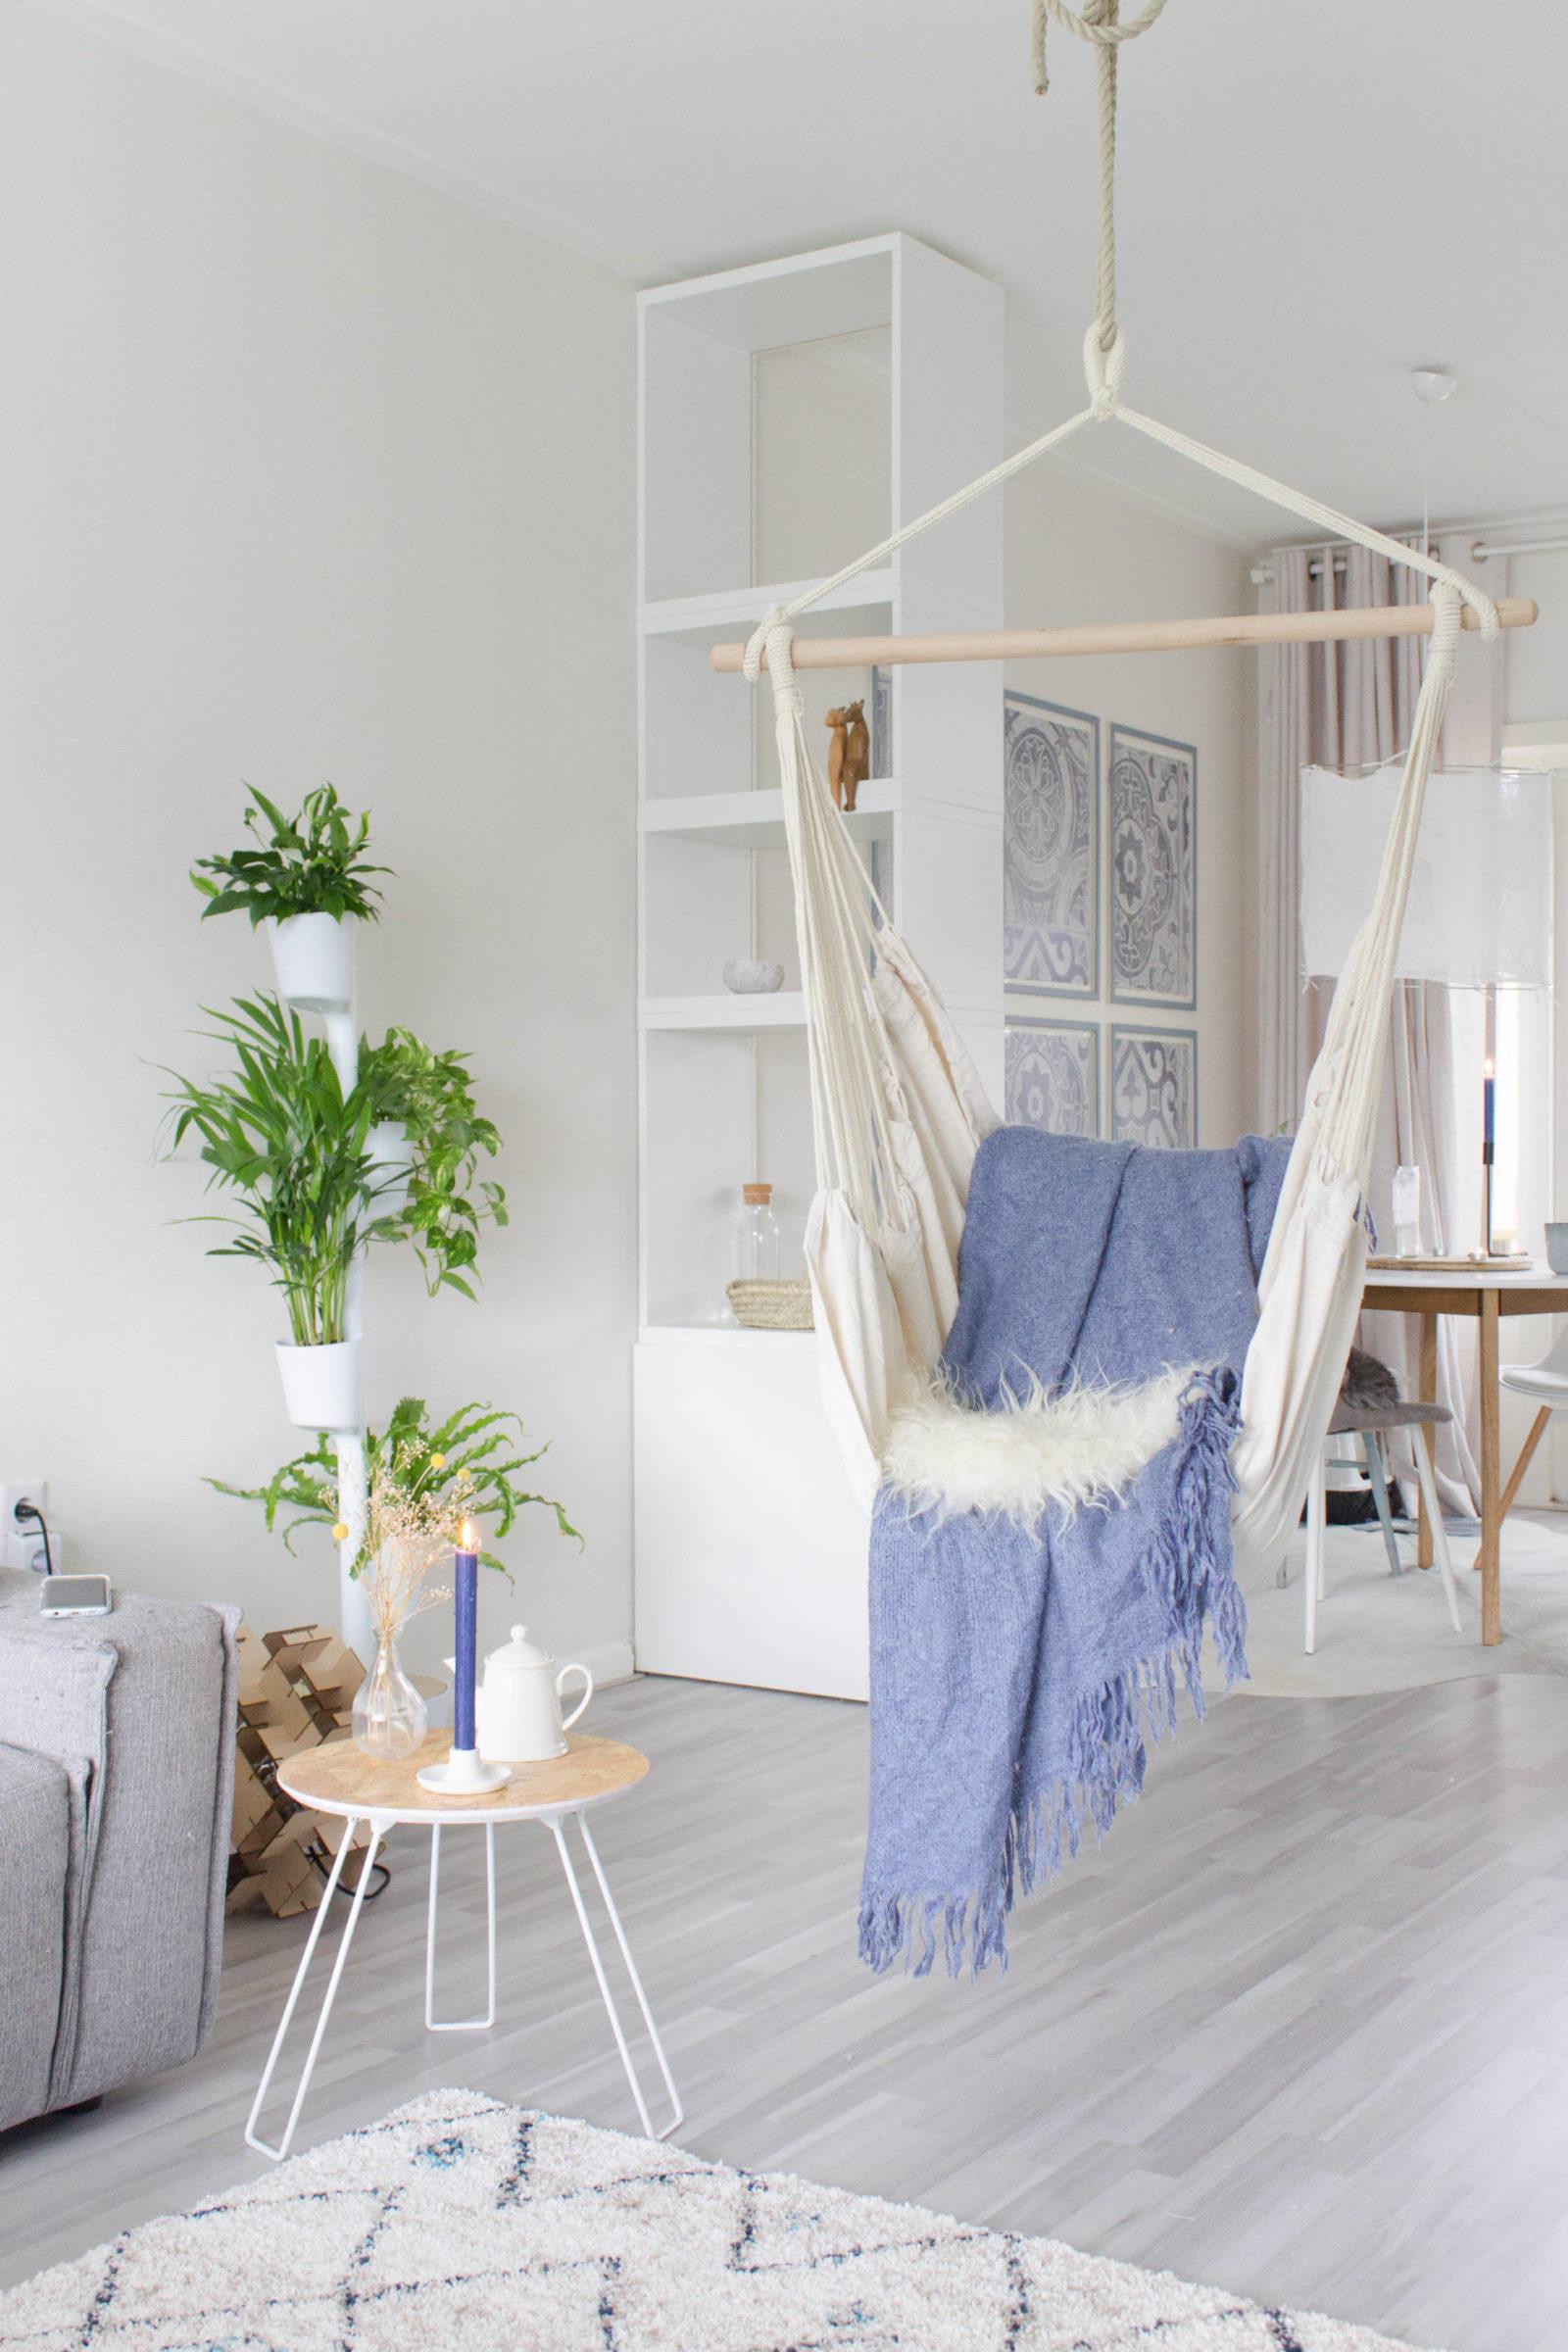 Een nieuwe hangstoel - Juudithhome- interior & lifestyle blog